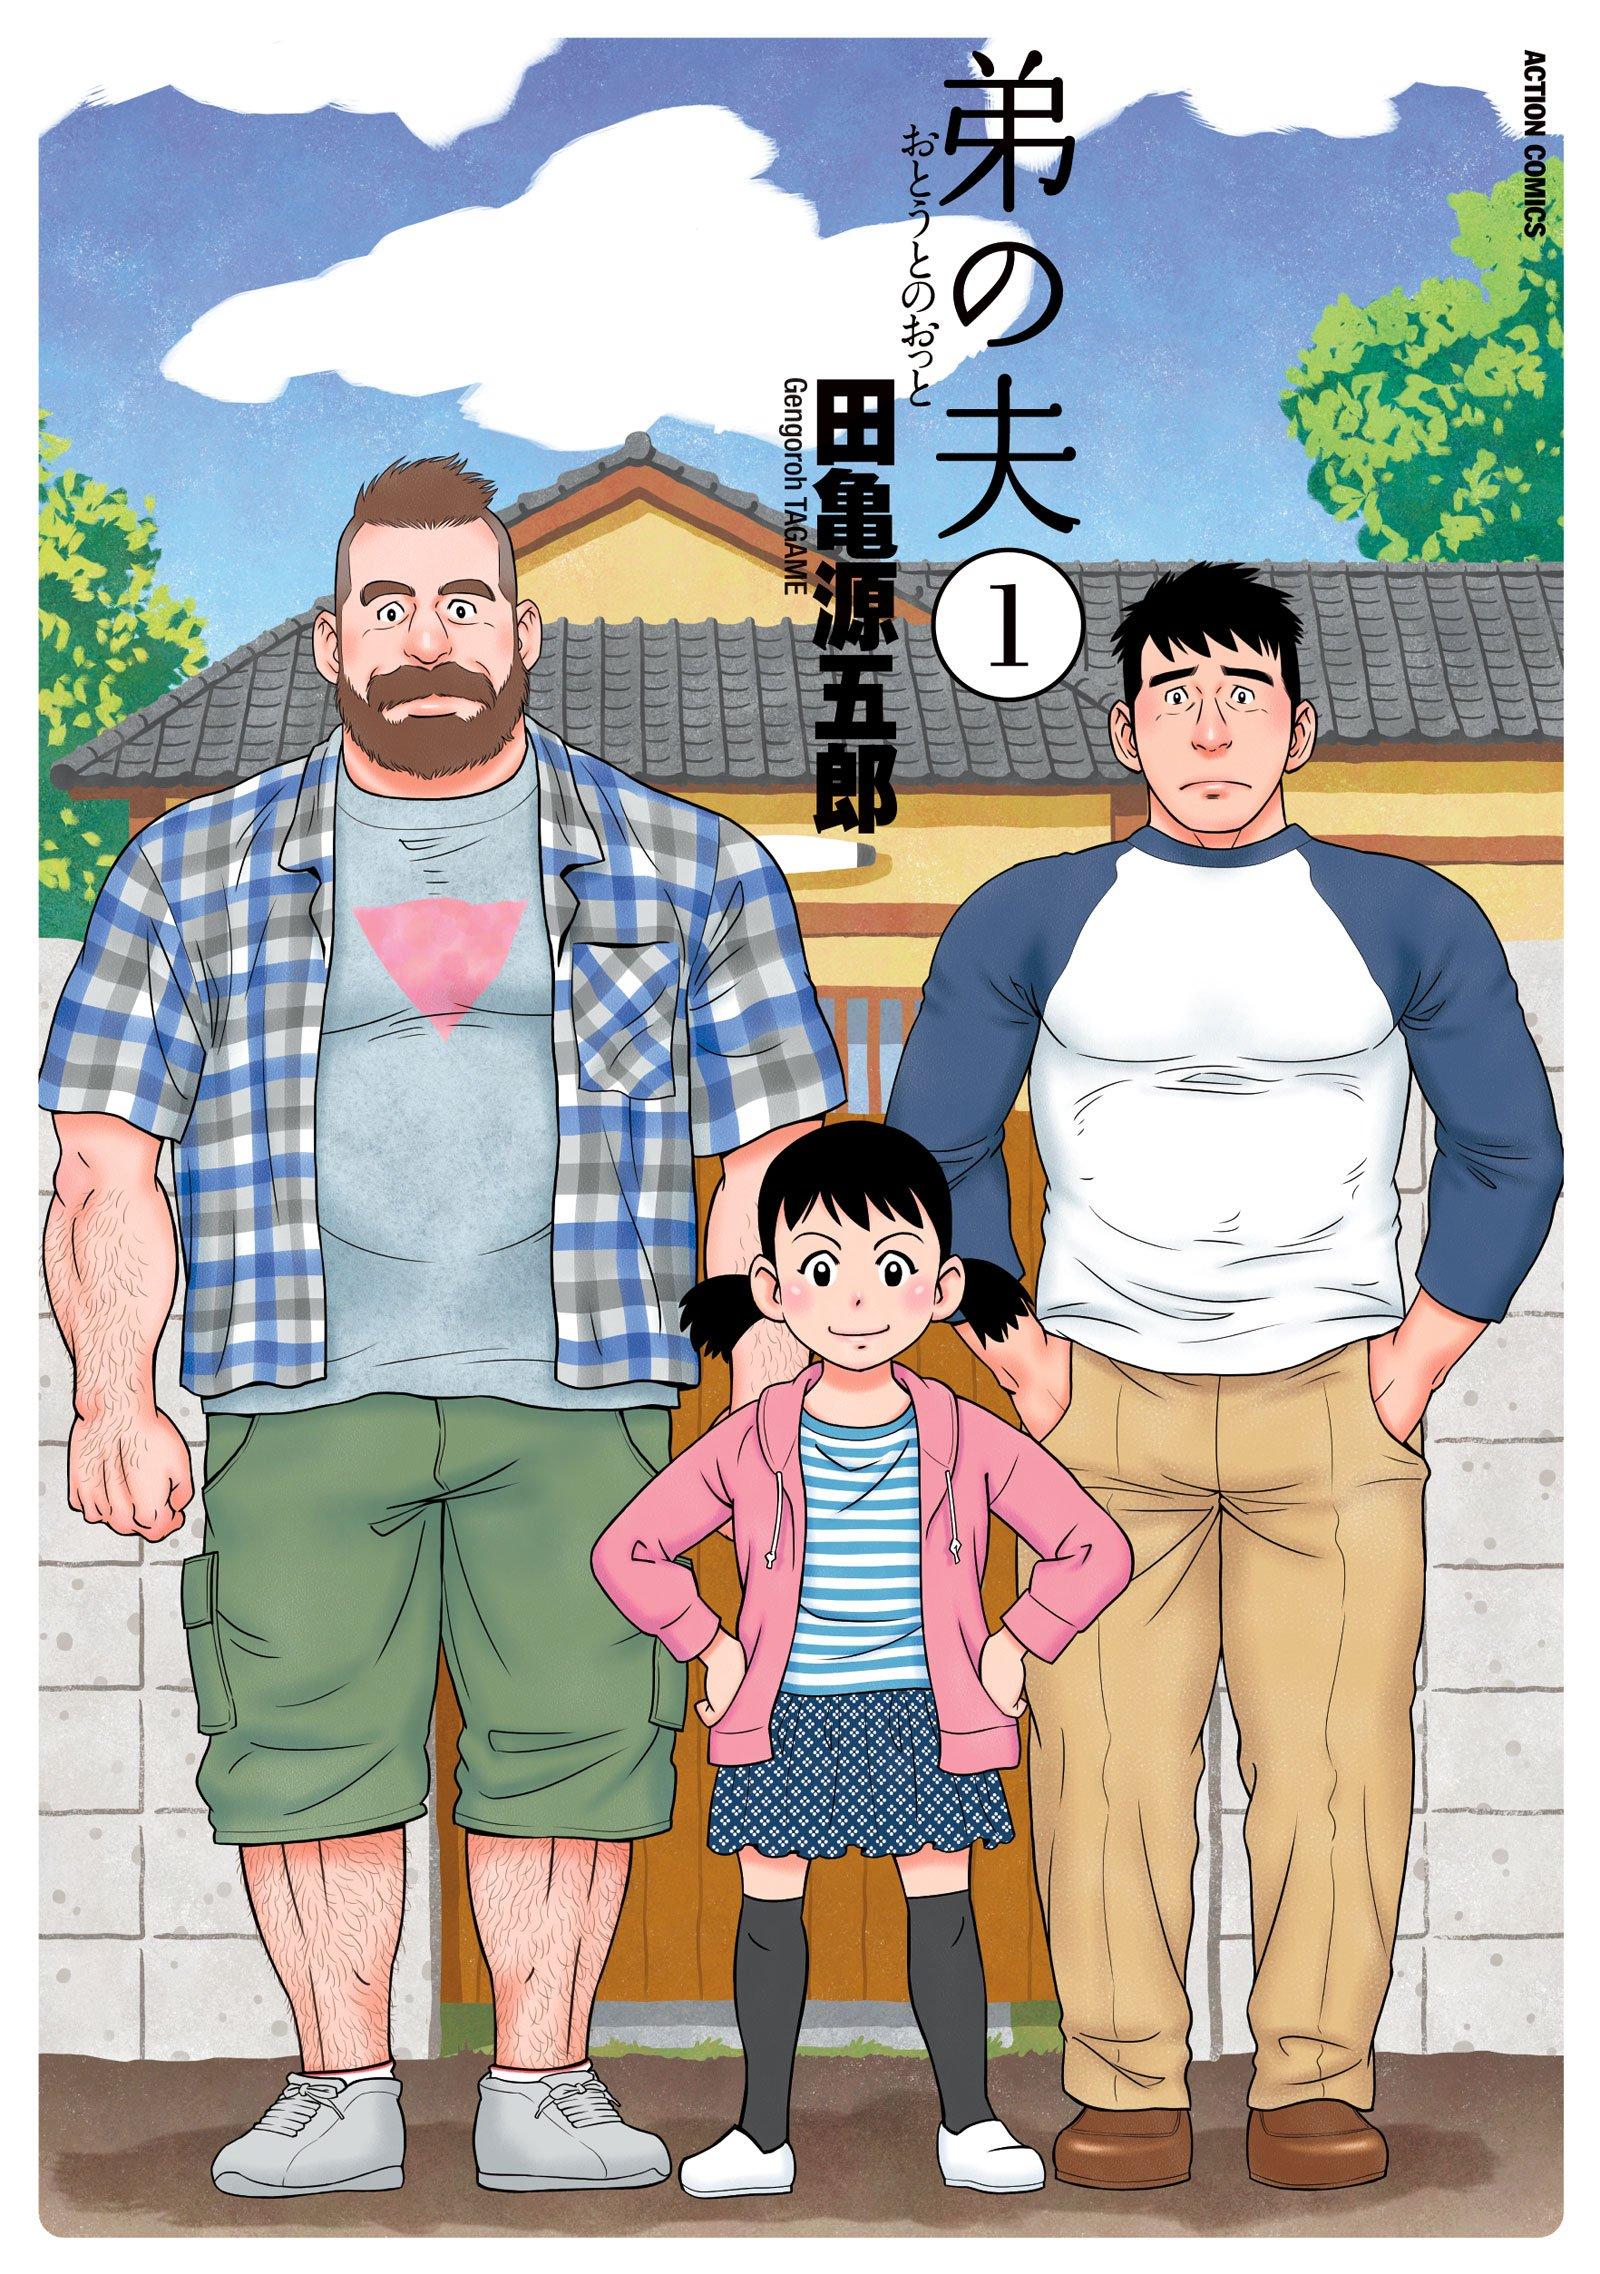 田亀 源五郎 「弟の夫」